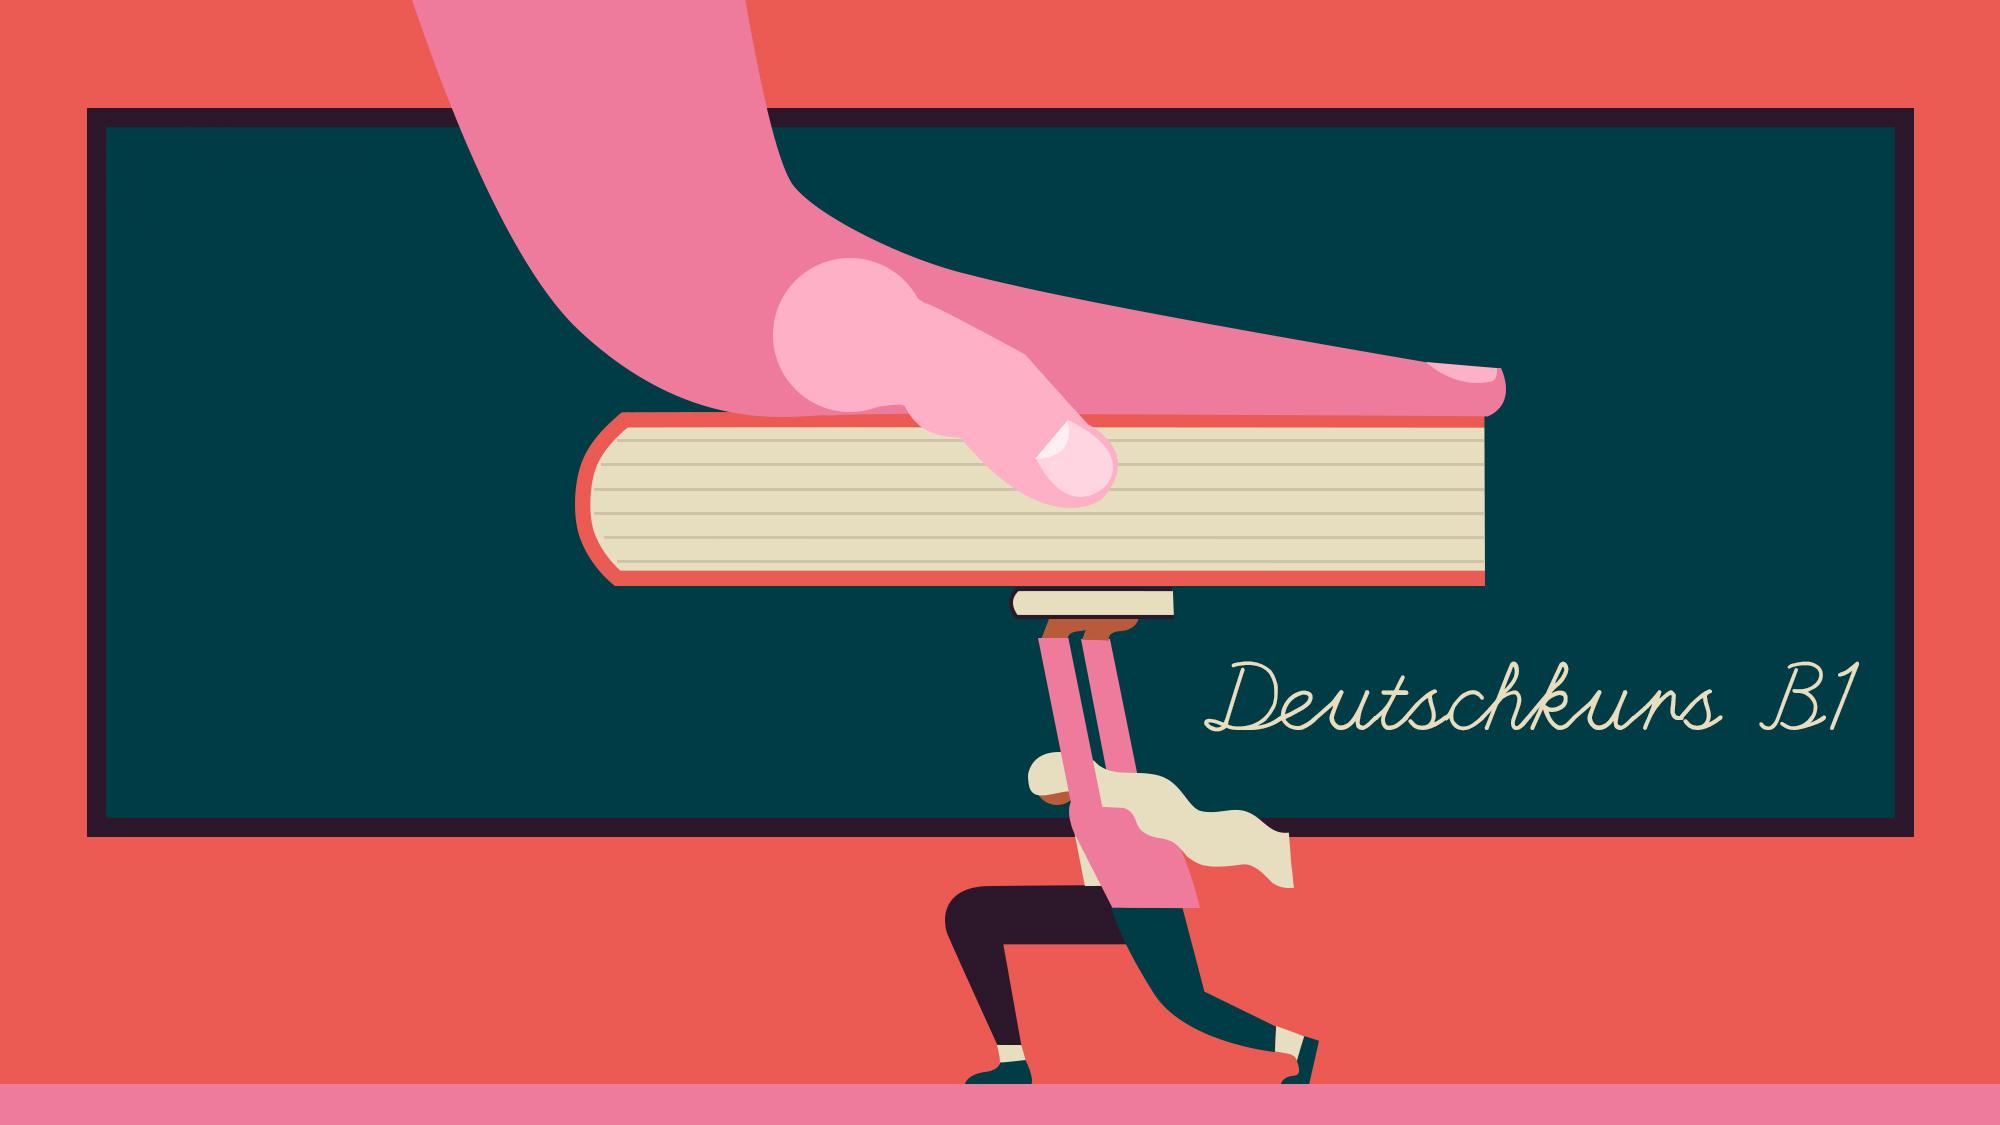 Politische Übernahme: Wer in Österreich Deutsch prüfen darf – Addendum